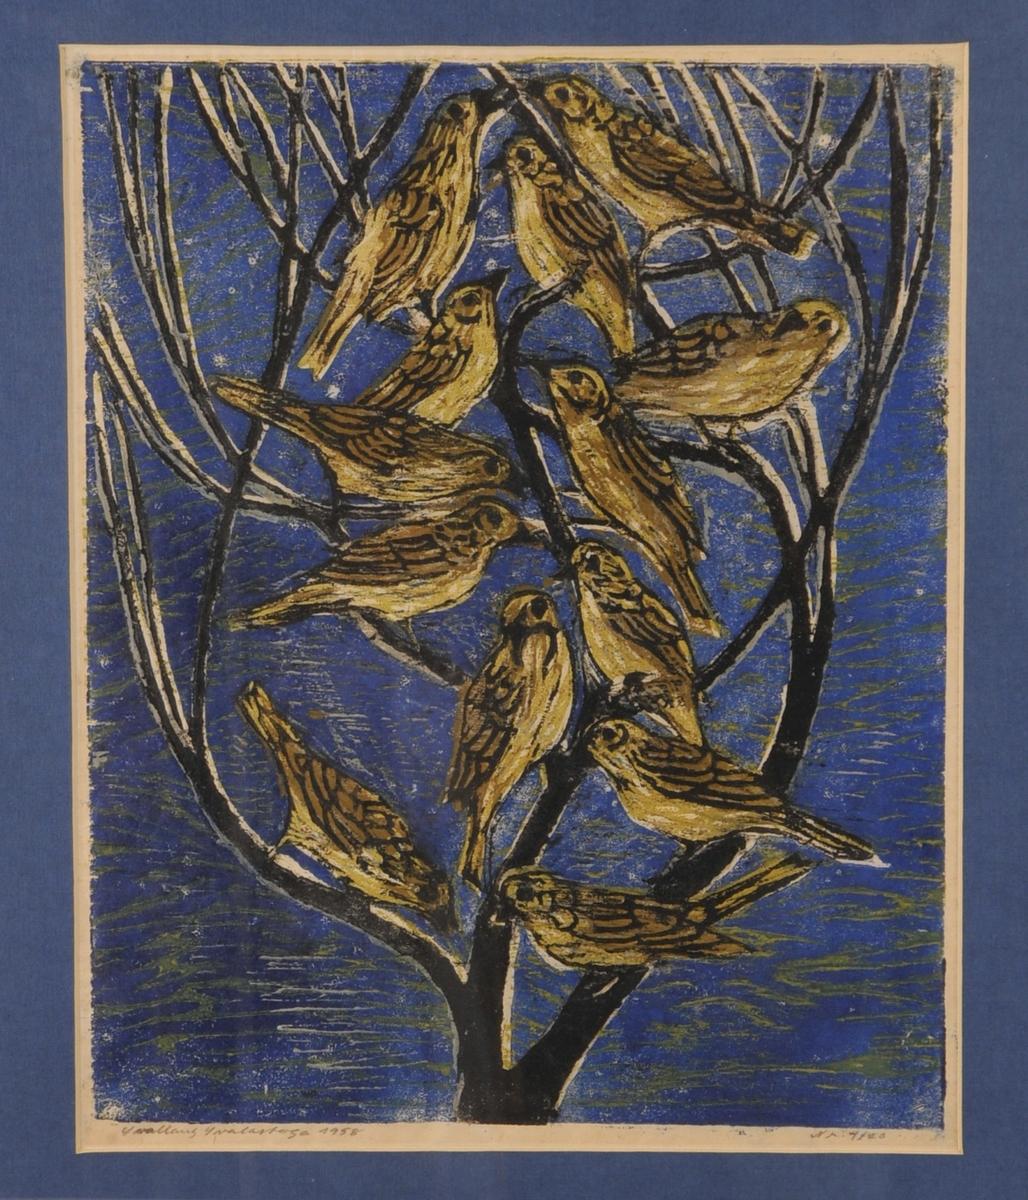 13 små fuglar sit i eit tre, blå og grøn bakgrunn.